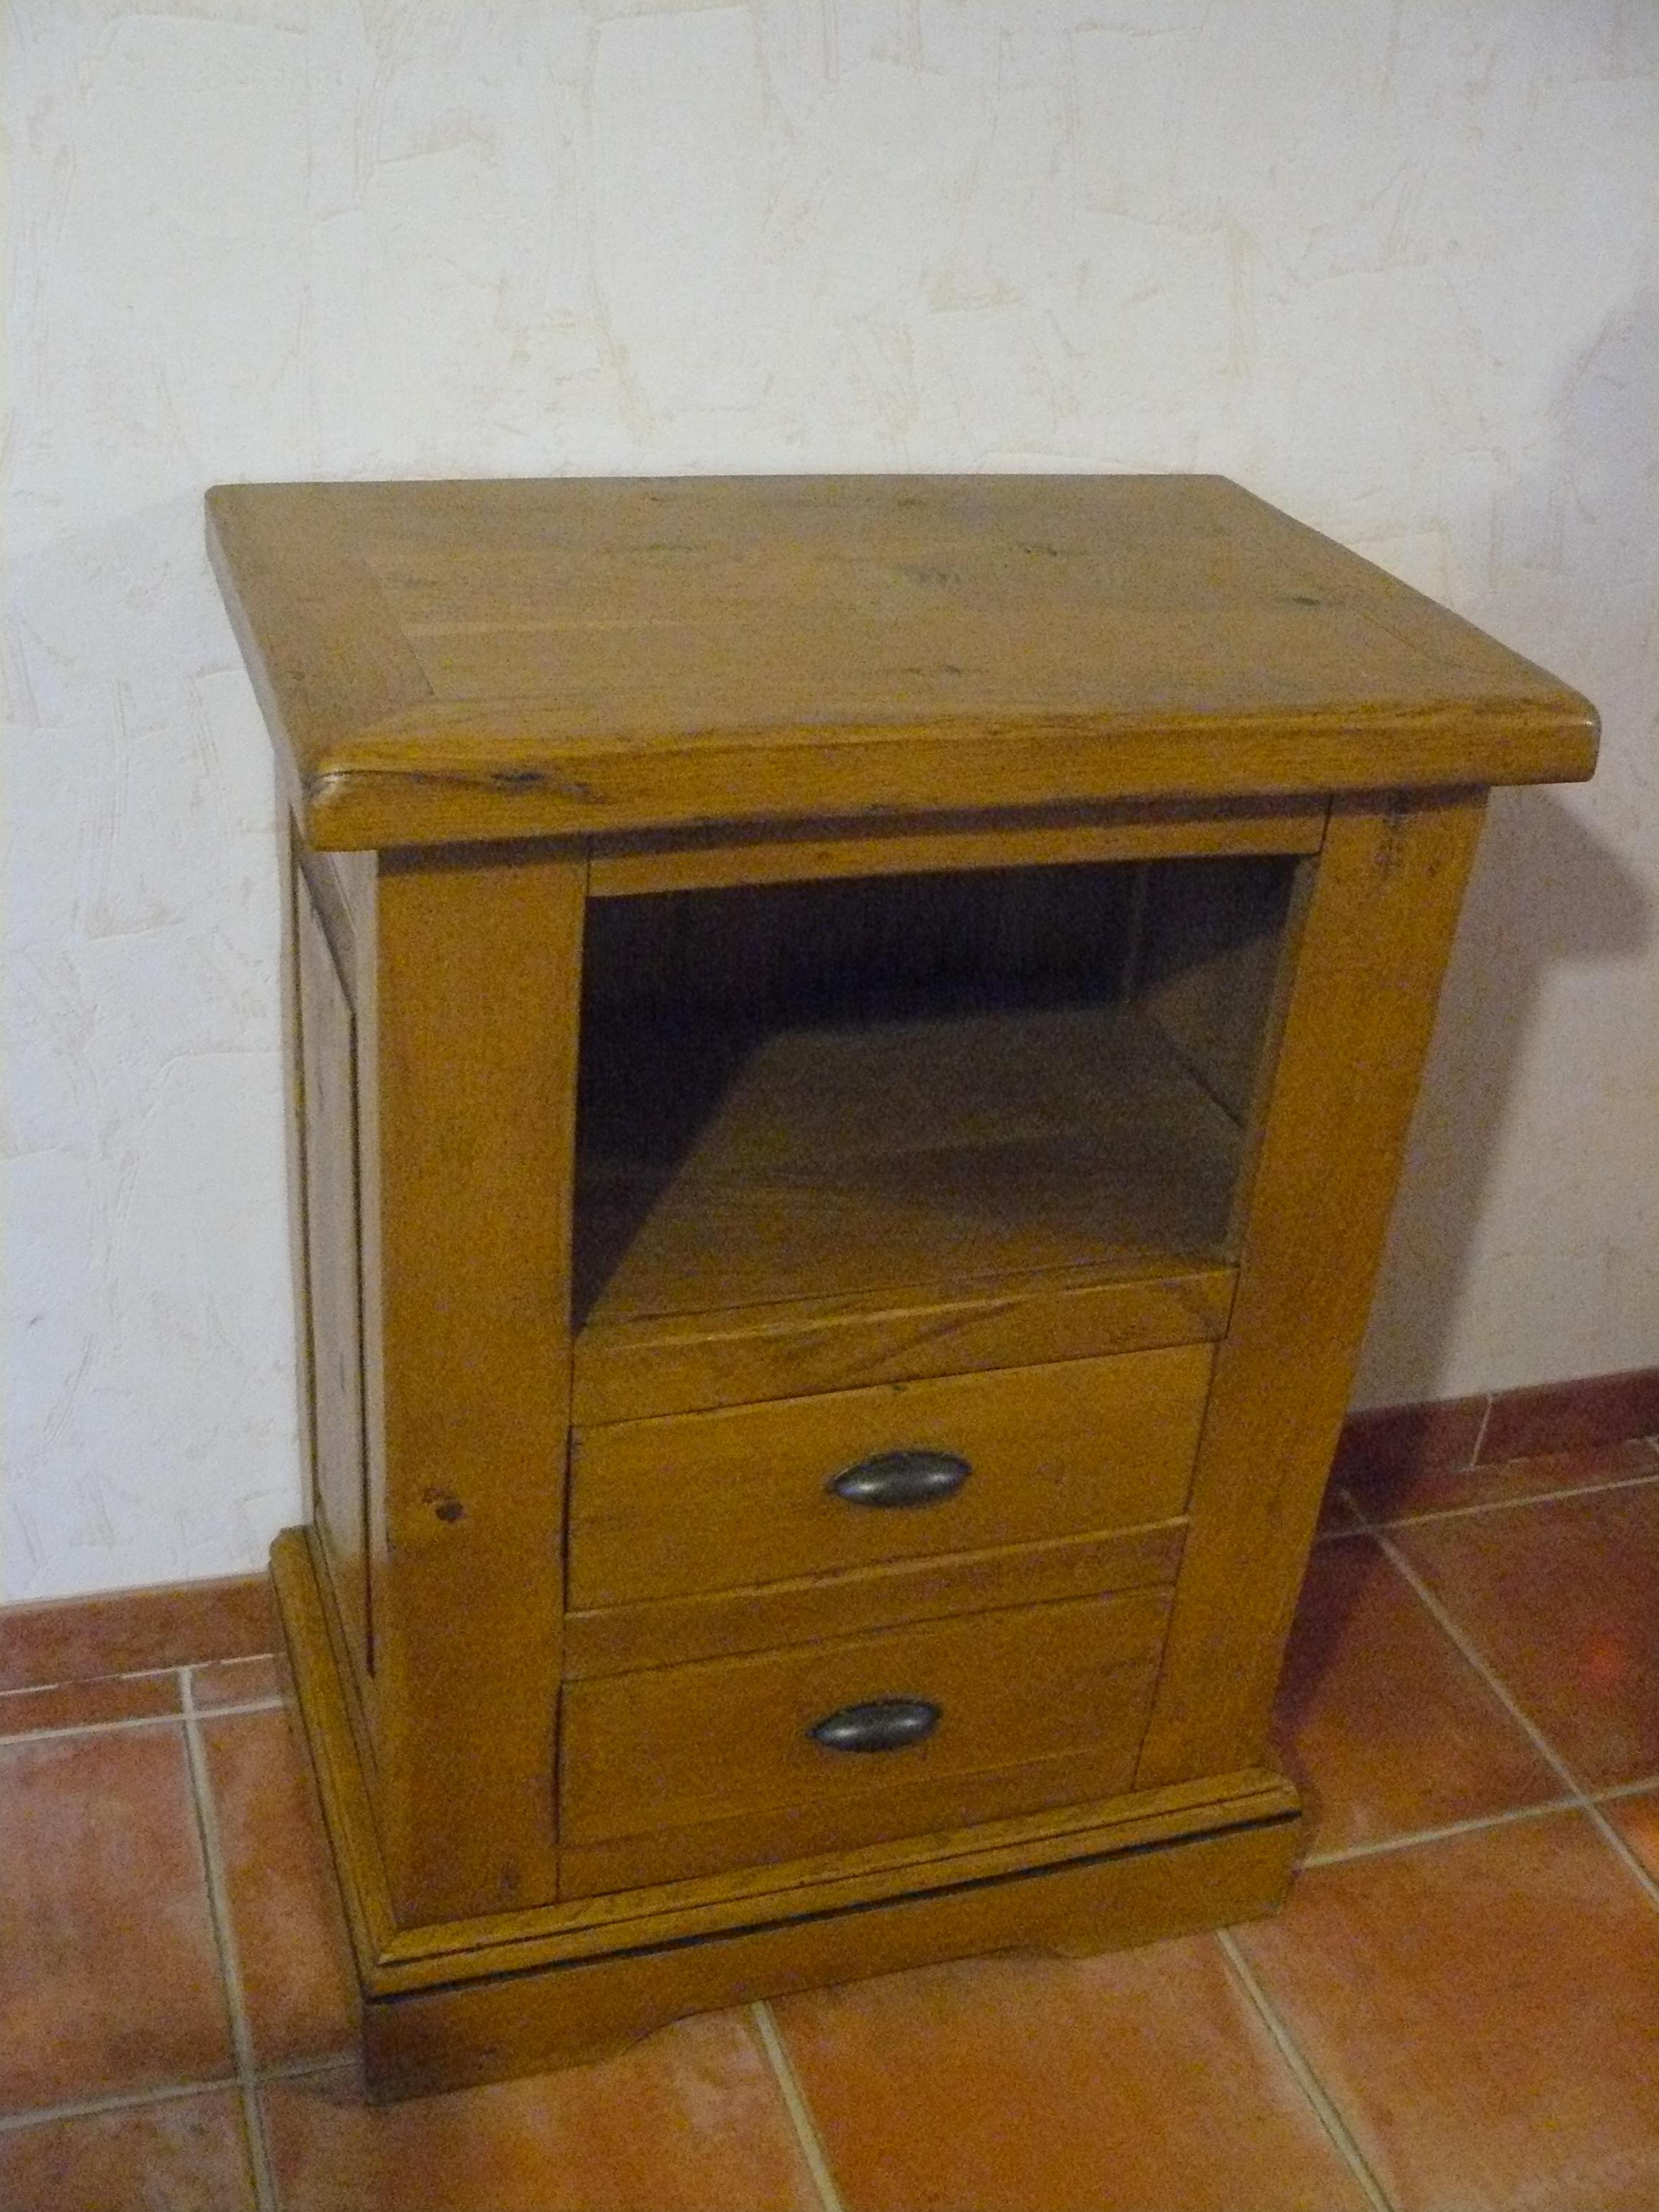 meubles entr e occasion metz 57 annonces achat et vente de meubles entr e paruvendu. Black Bedroom Furniture Sets. Home Design Ideas